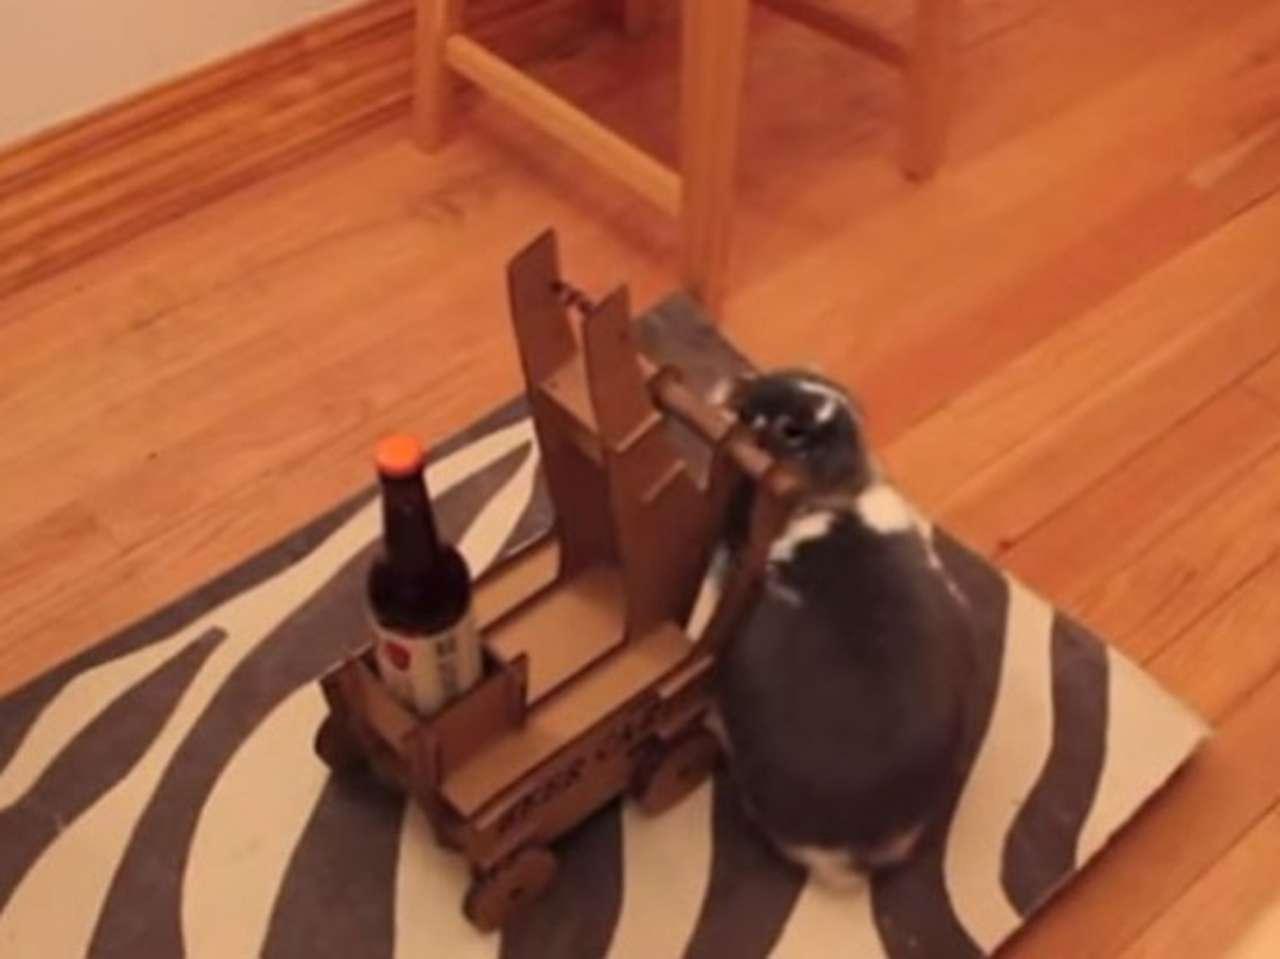 El conejo fue entrenado por el novio de su ama. Foto: YouTube.com